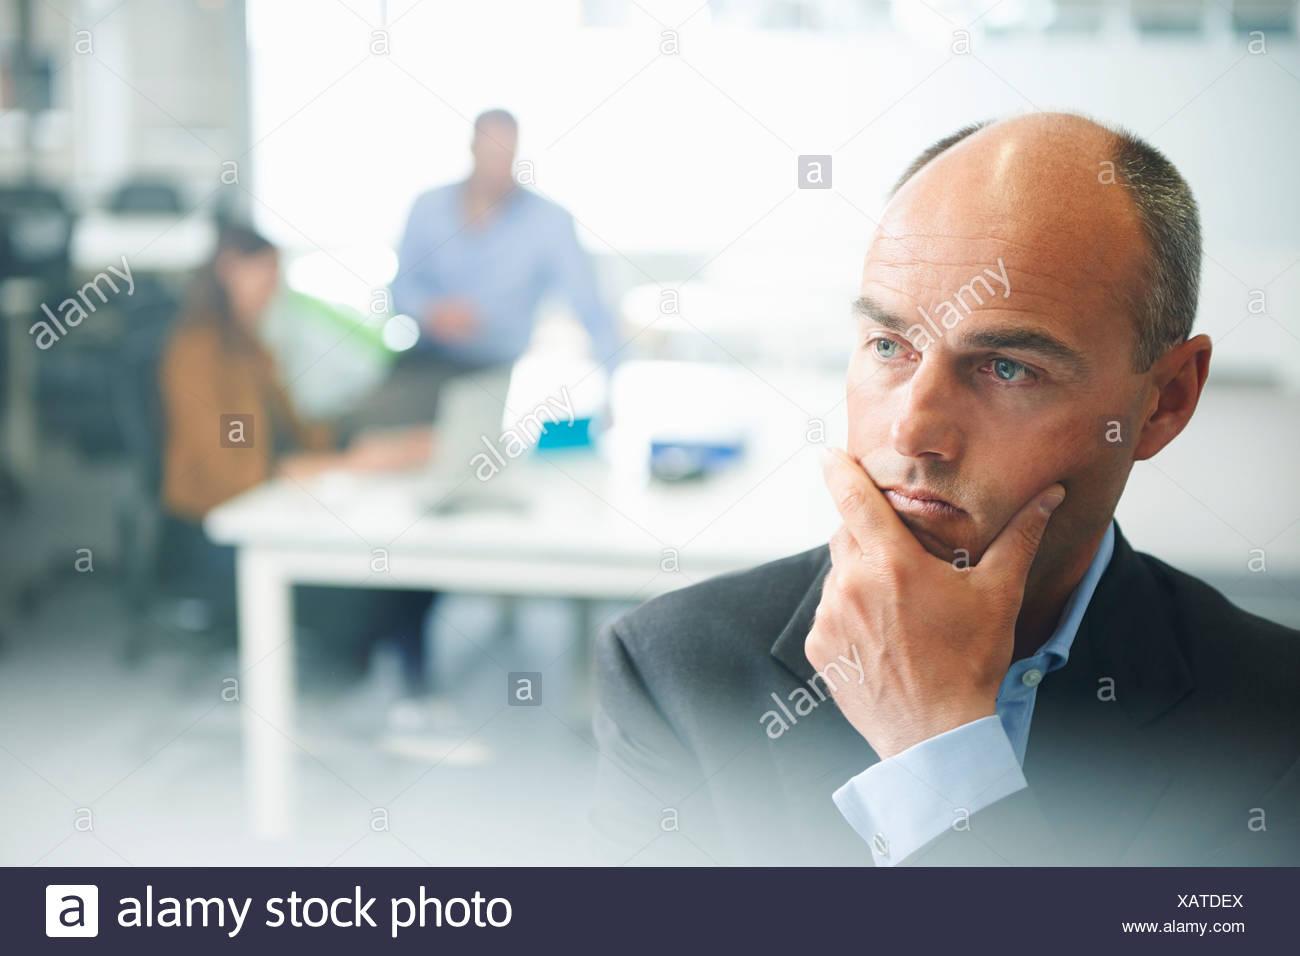 La pensée de l'homme, les gens en arrière-plan Photo Stock